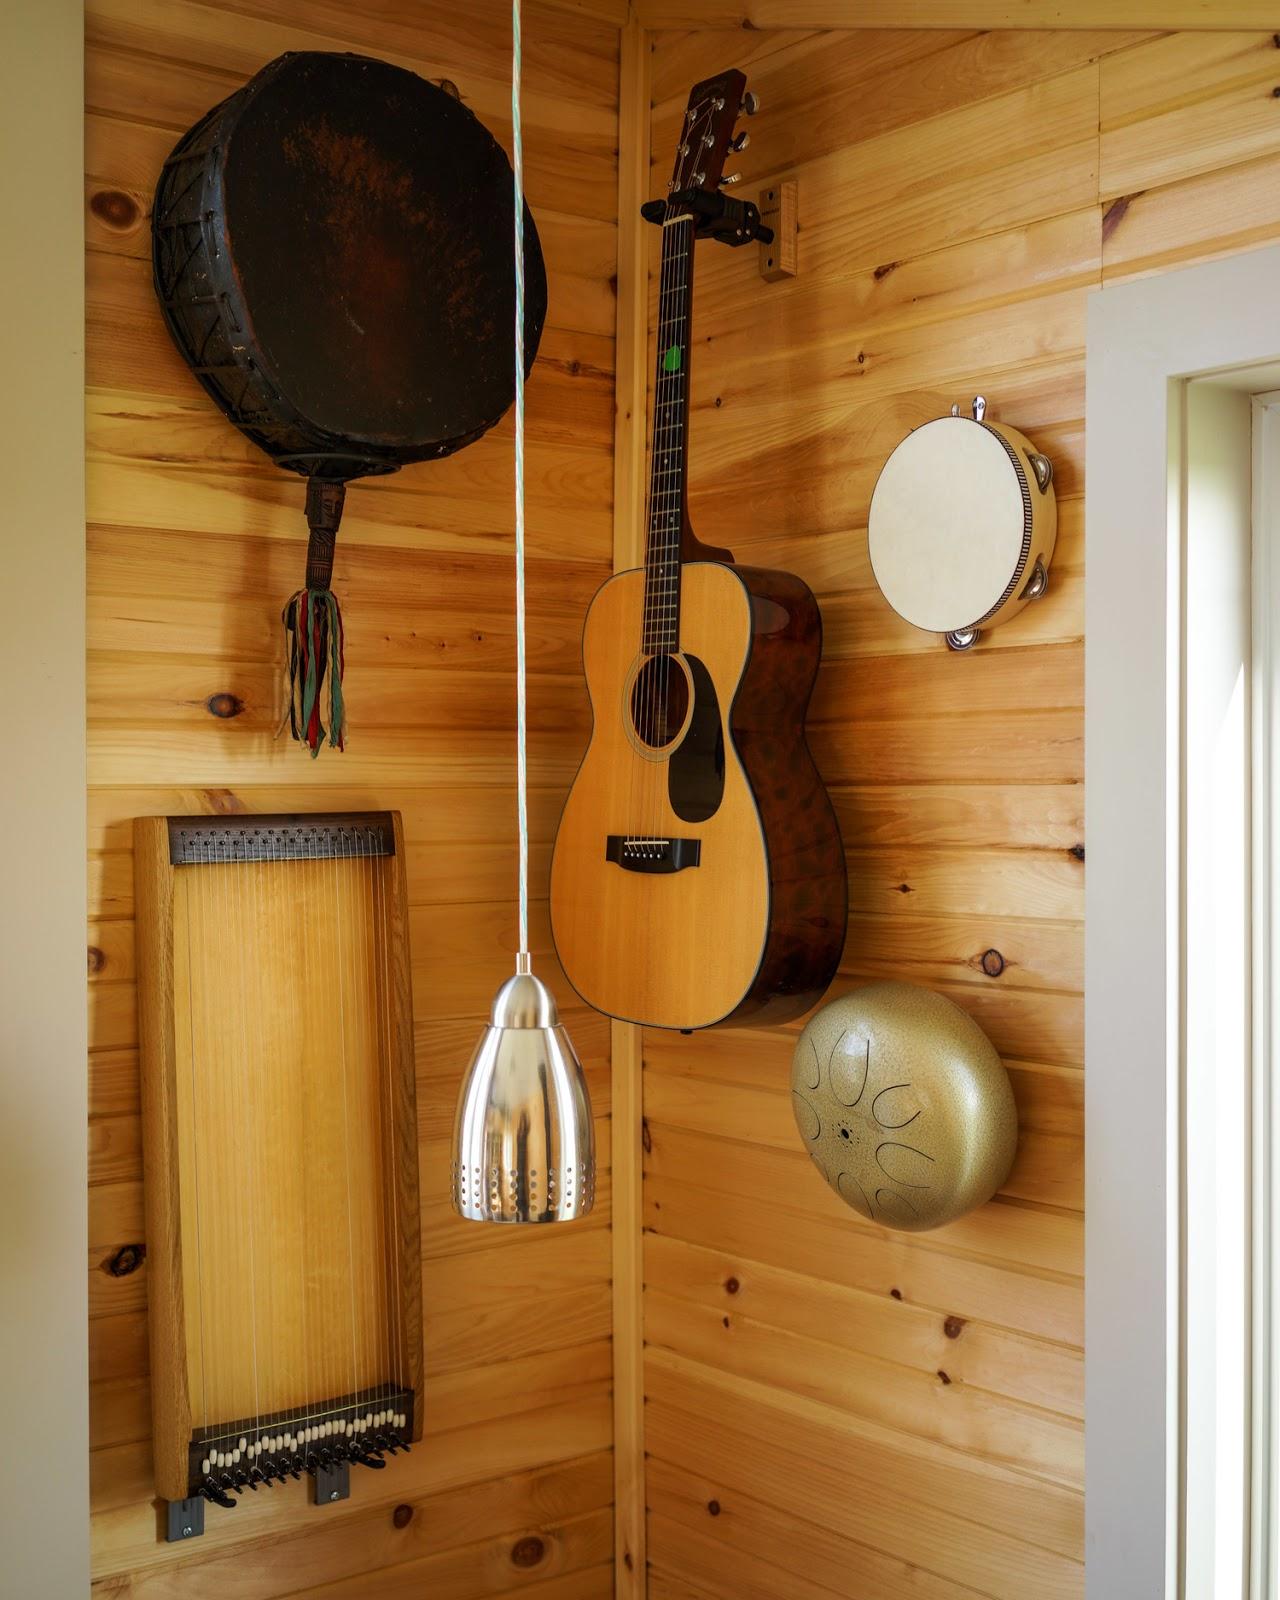 Full Moon Tiny Shelters: TINY HOUSE TOWN: The Harmony House From Full Moon Tiny